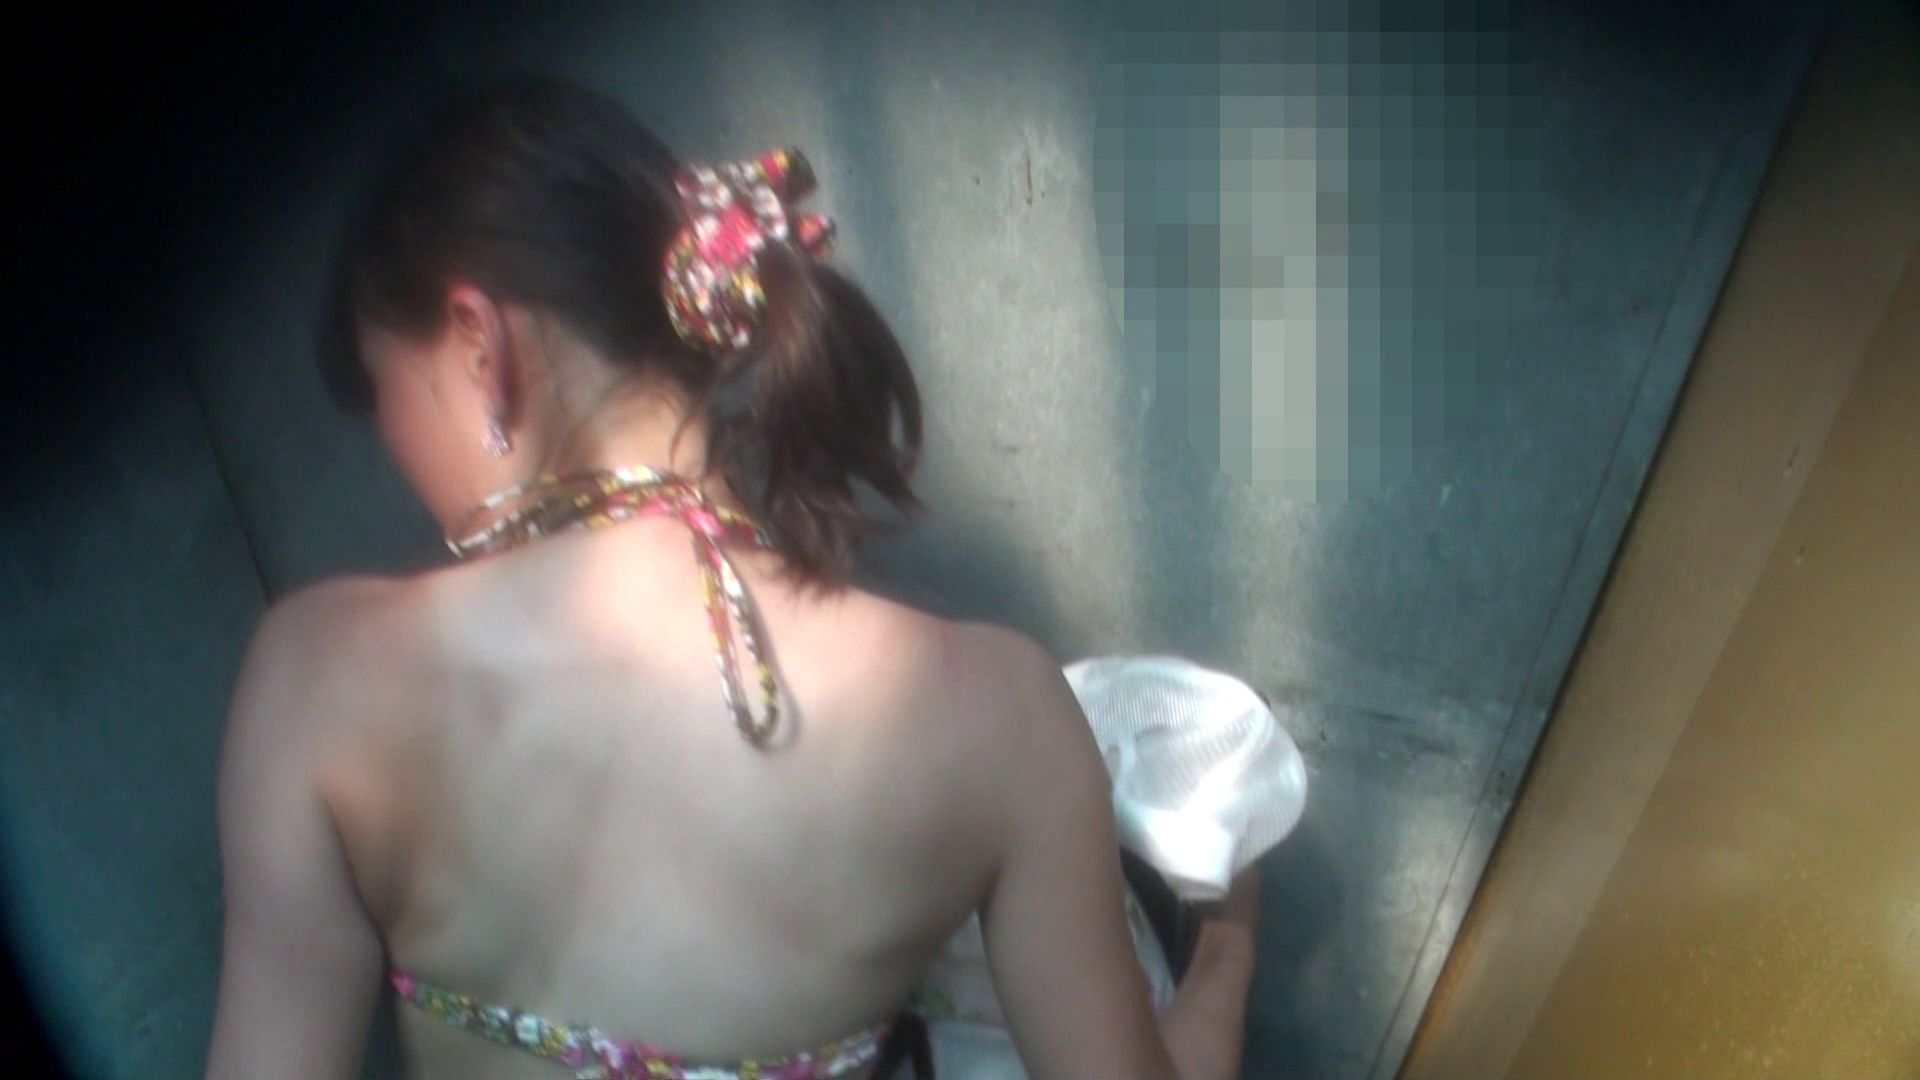 シャワールームは超!!危険な香りVol.16 意外に乳首は年増のそれ 高画質  44連発 8